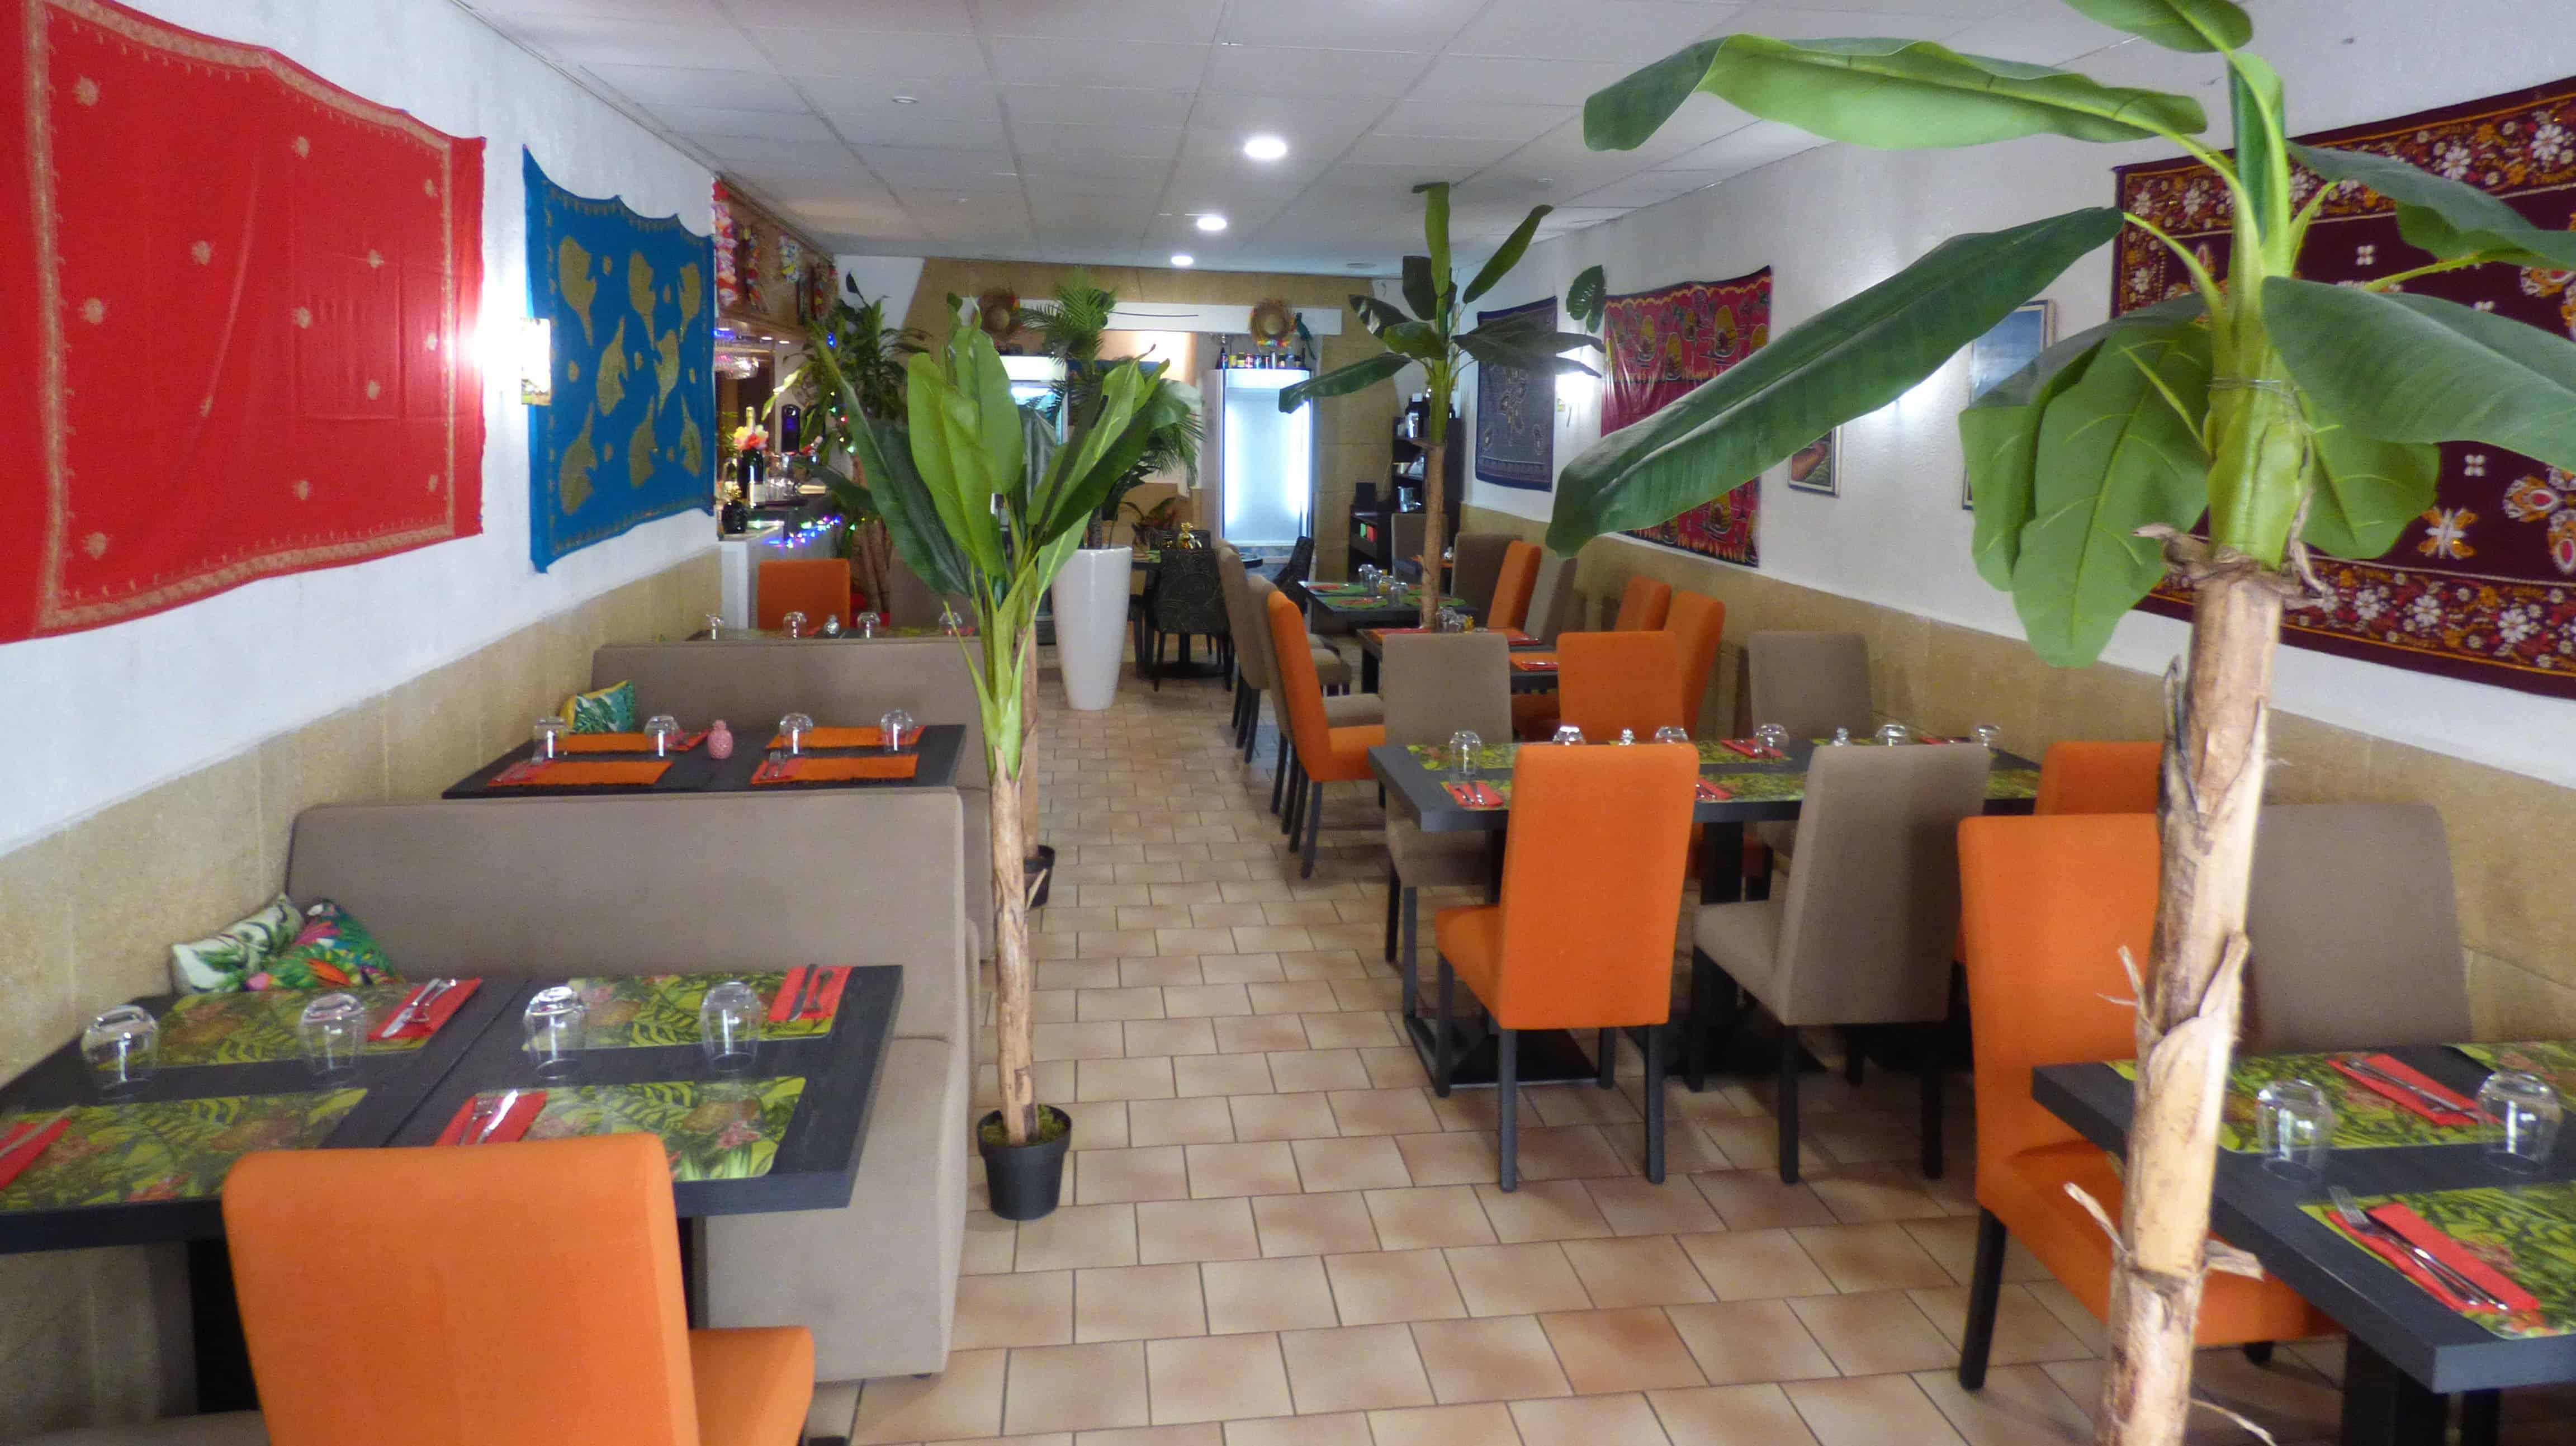 salle-tamarin-restaurant-réunionnais-et-créole-marseille-13006